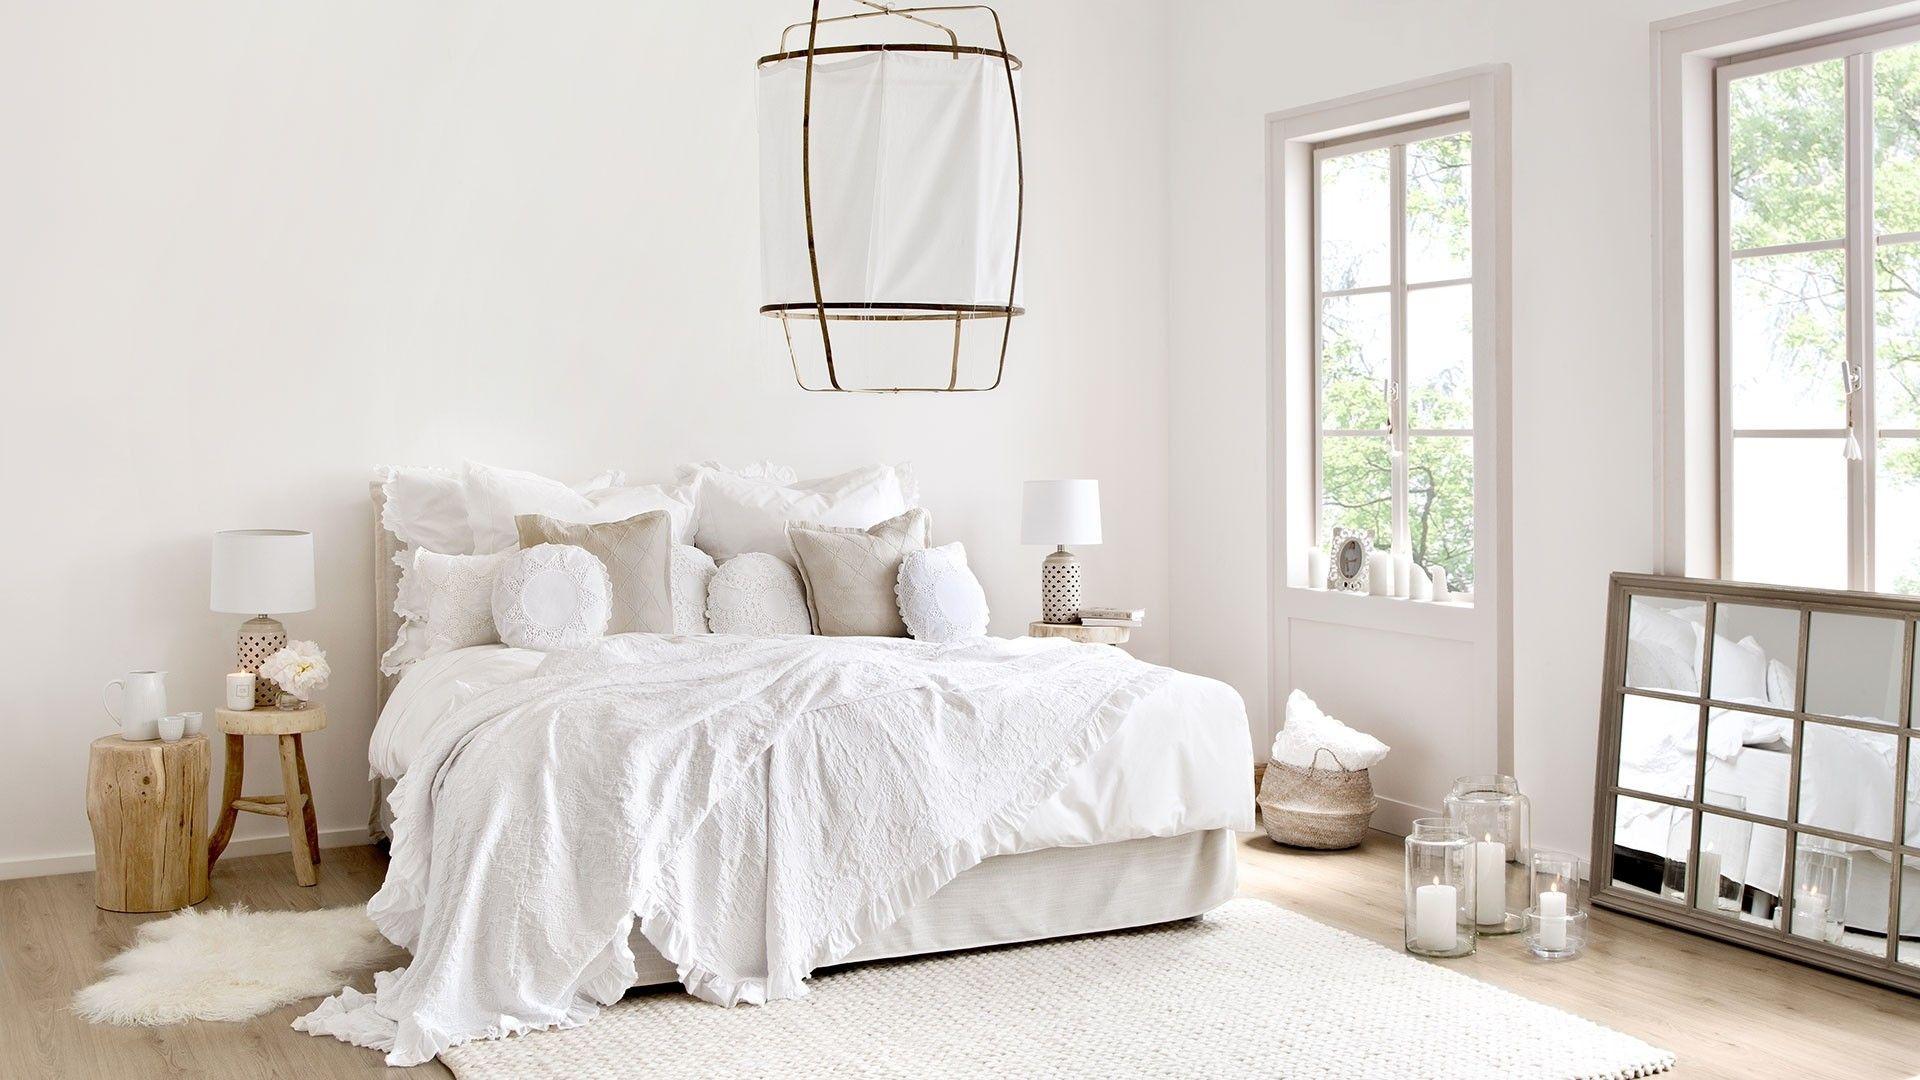 Pin Van Dingena Op Huis 1910 Bed Decoratie Slaapkamer Interieur Thuisdecoratie